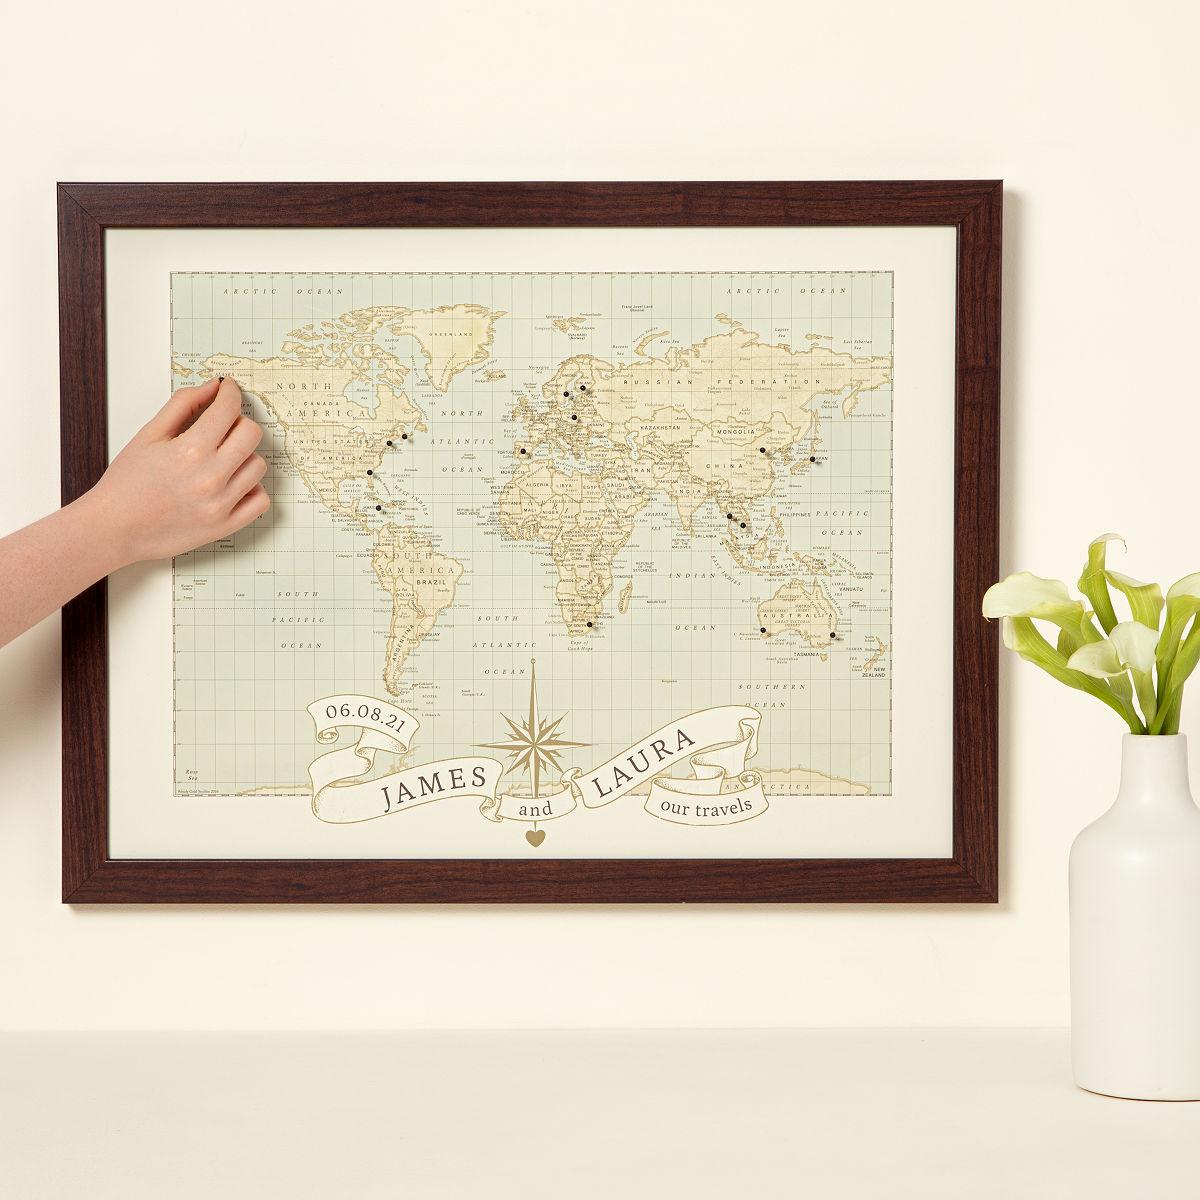 personalized wedding wedding gift Customizable Personalized Anniversary Pushpin World Map